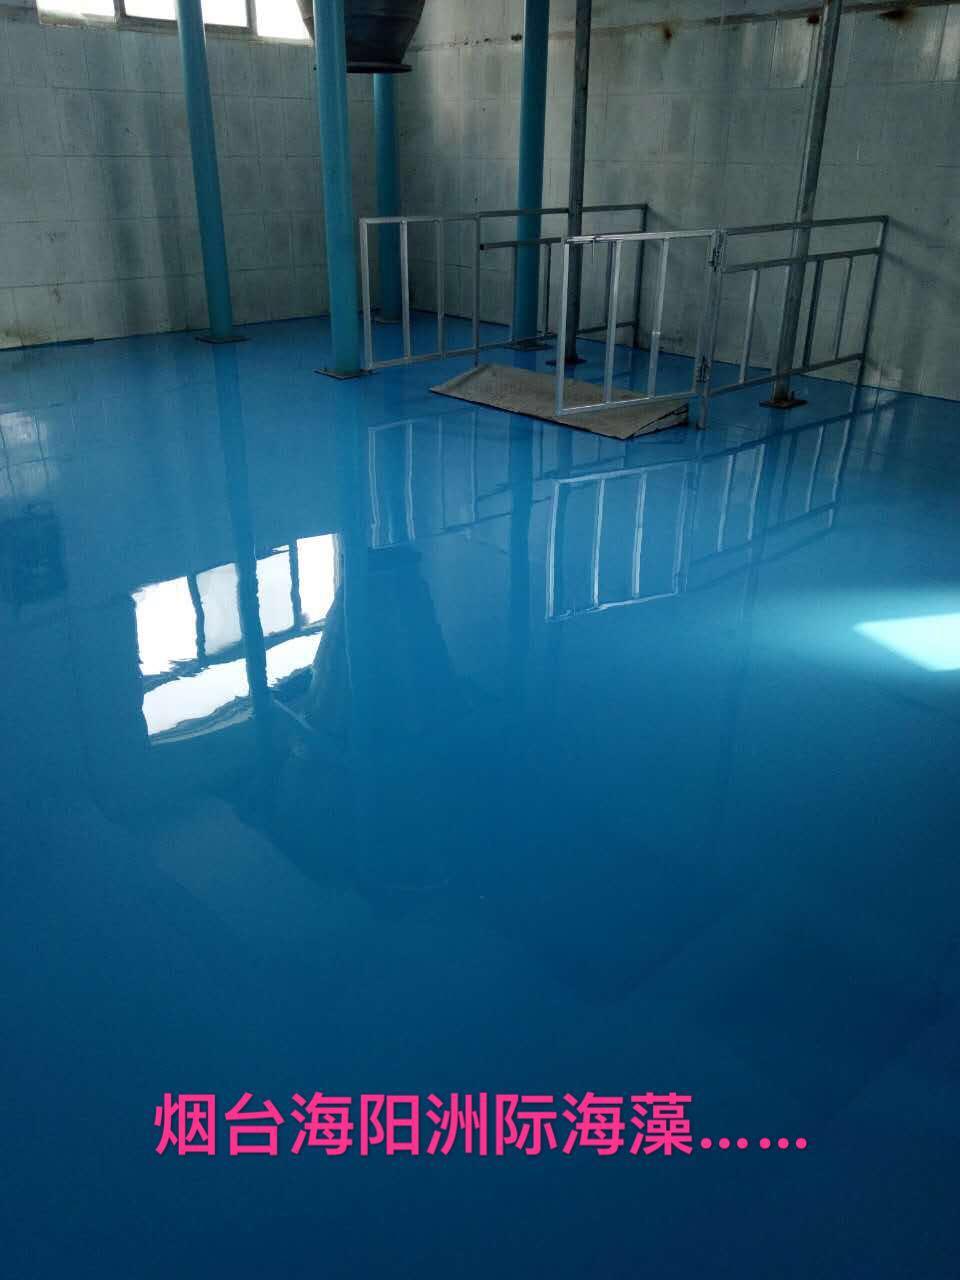 滨州博兴做环氧地坪漆地面的合理化方案公司